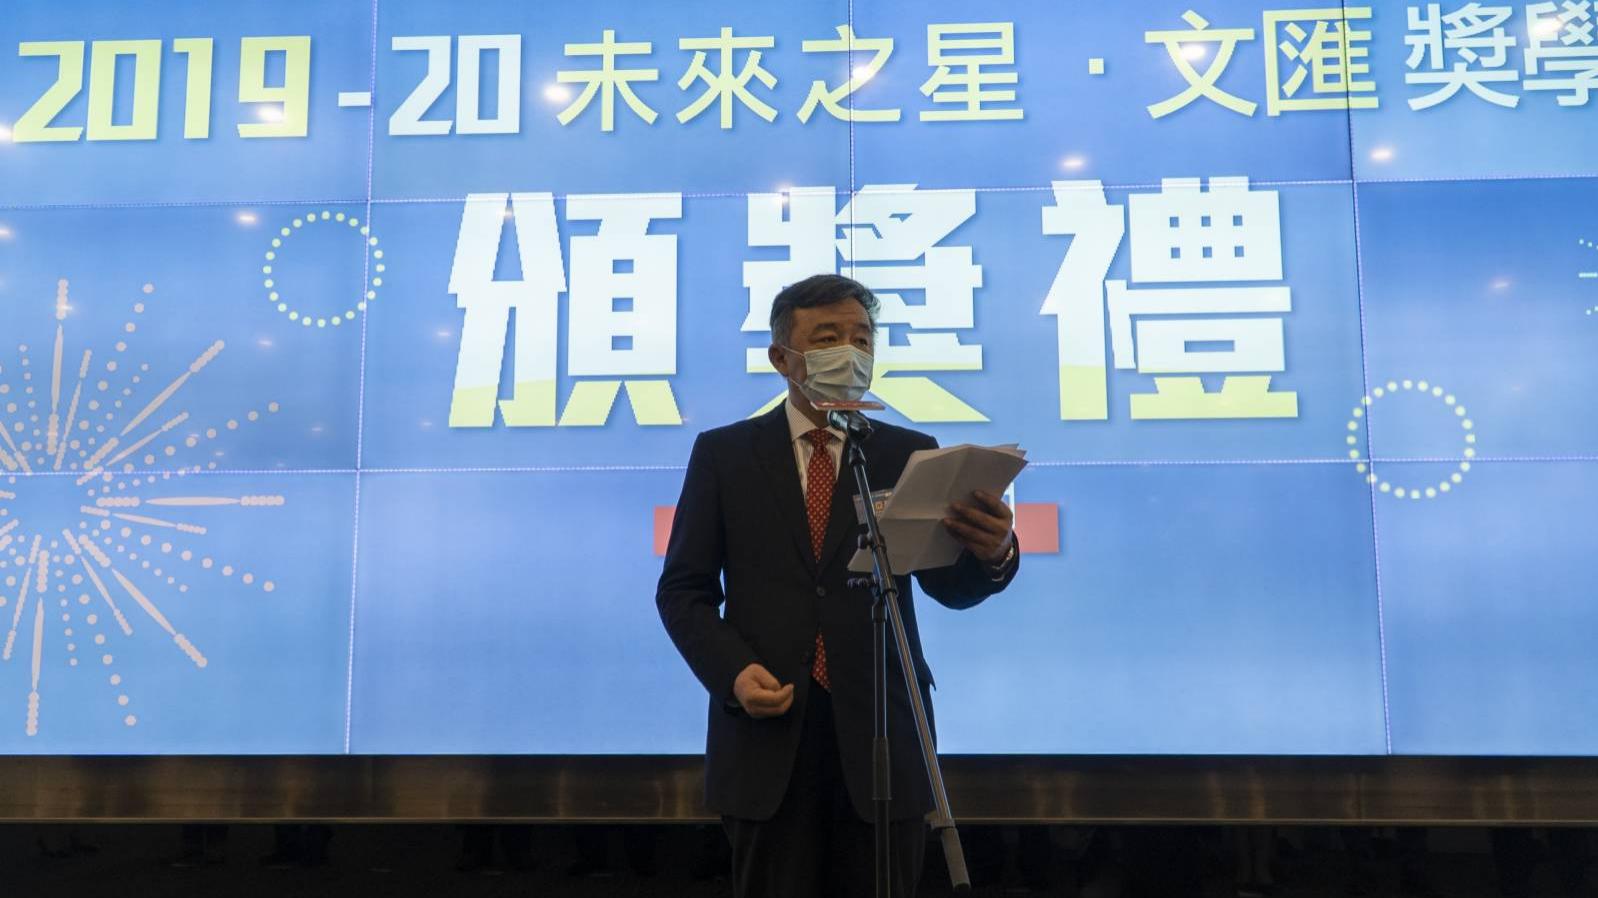 姜亞兵勉勵學生砥礪奮進 未來服務香港貢獻國家